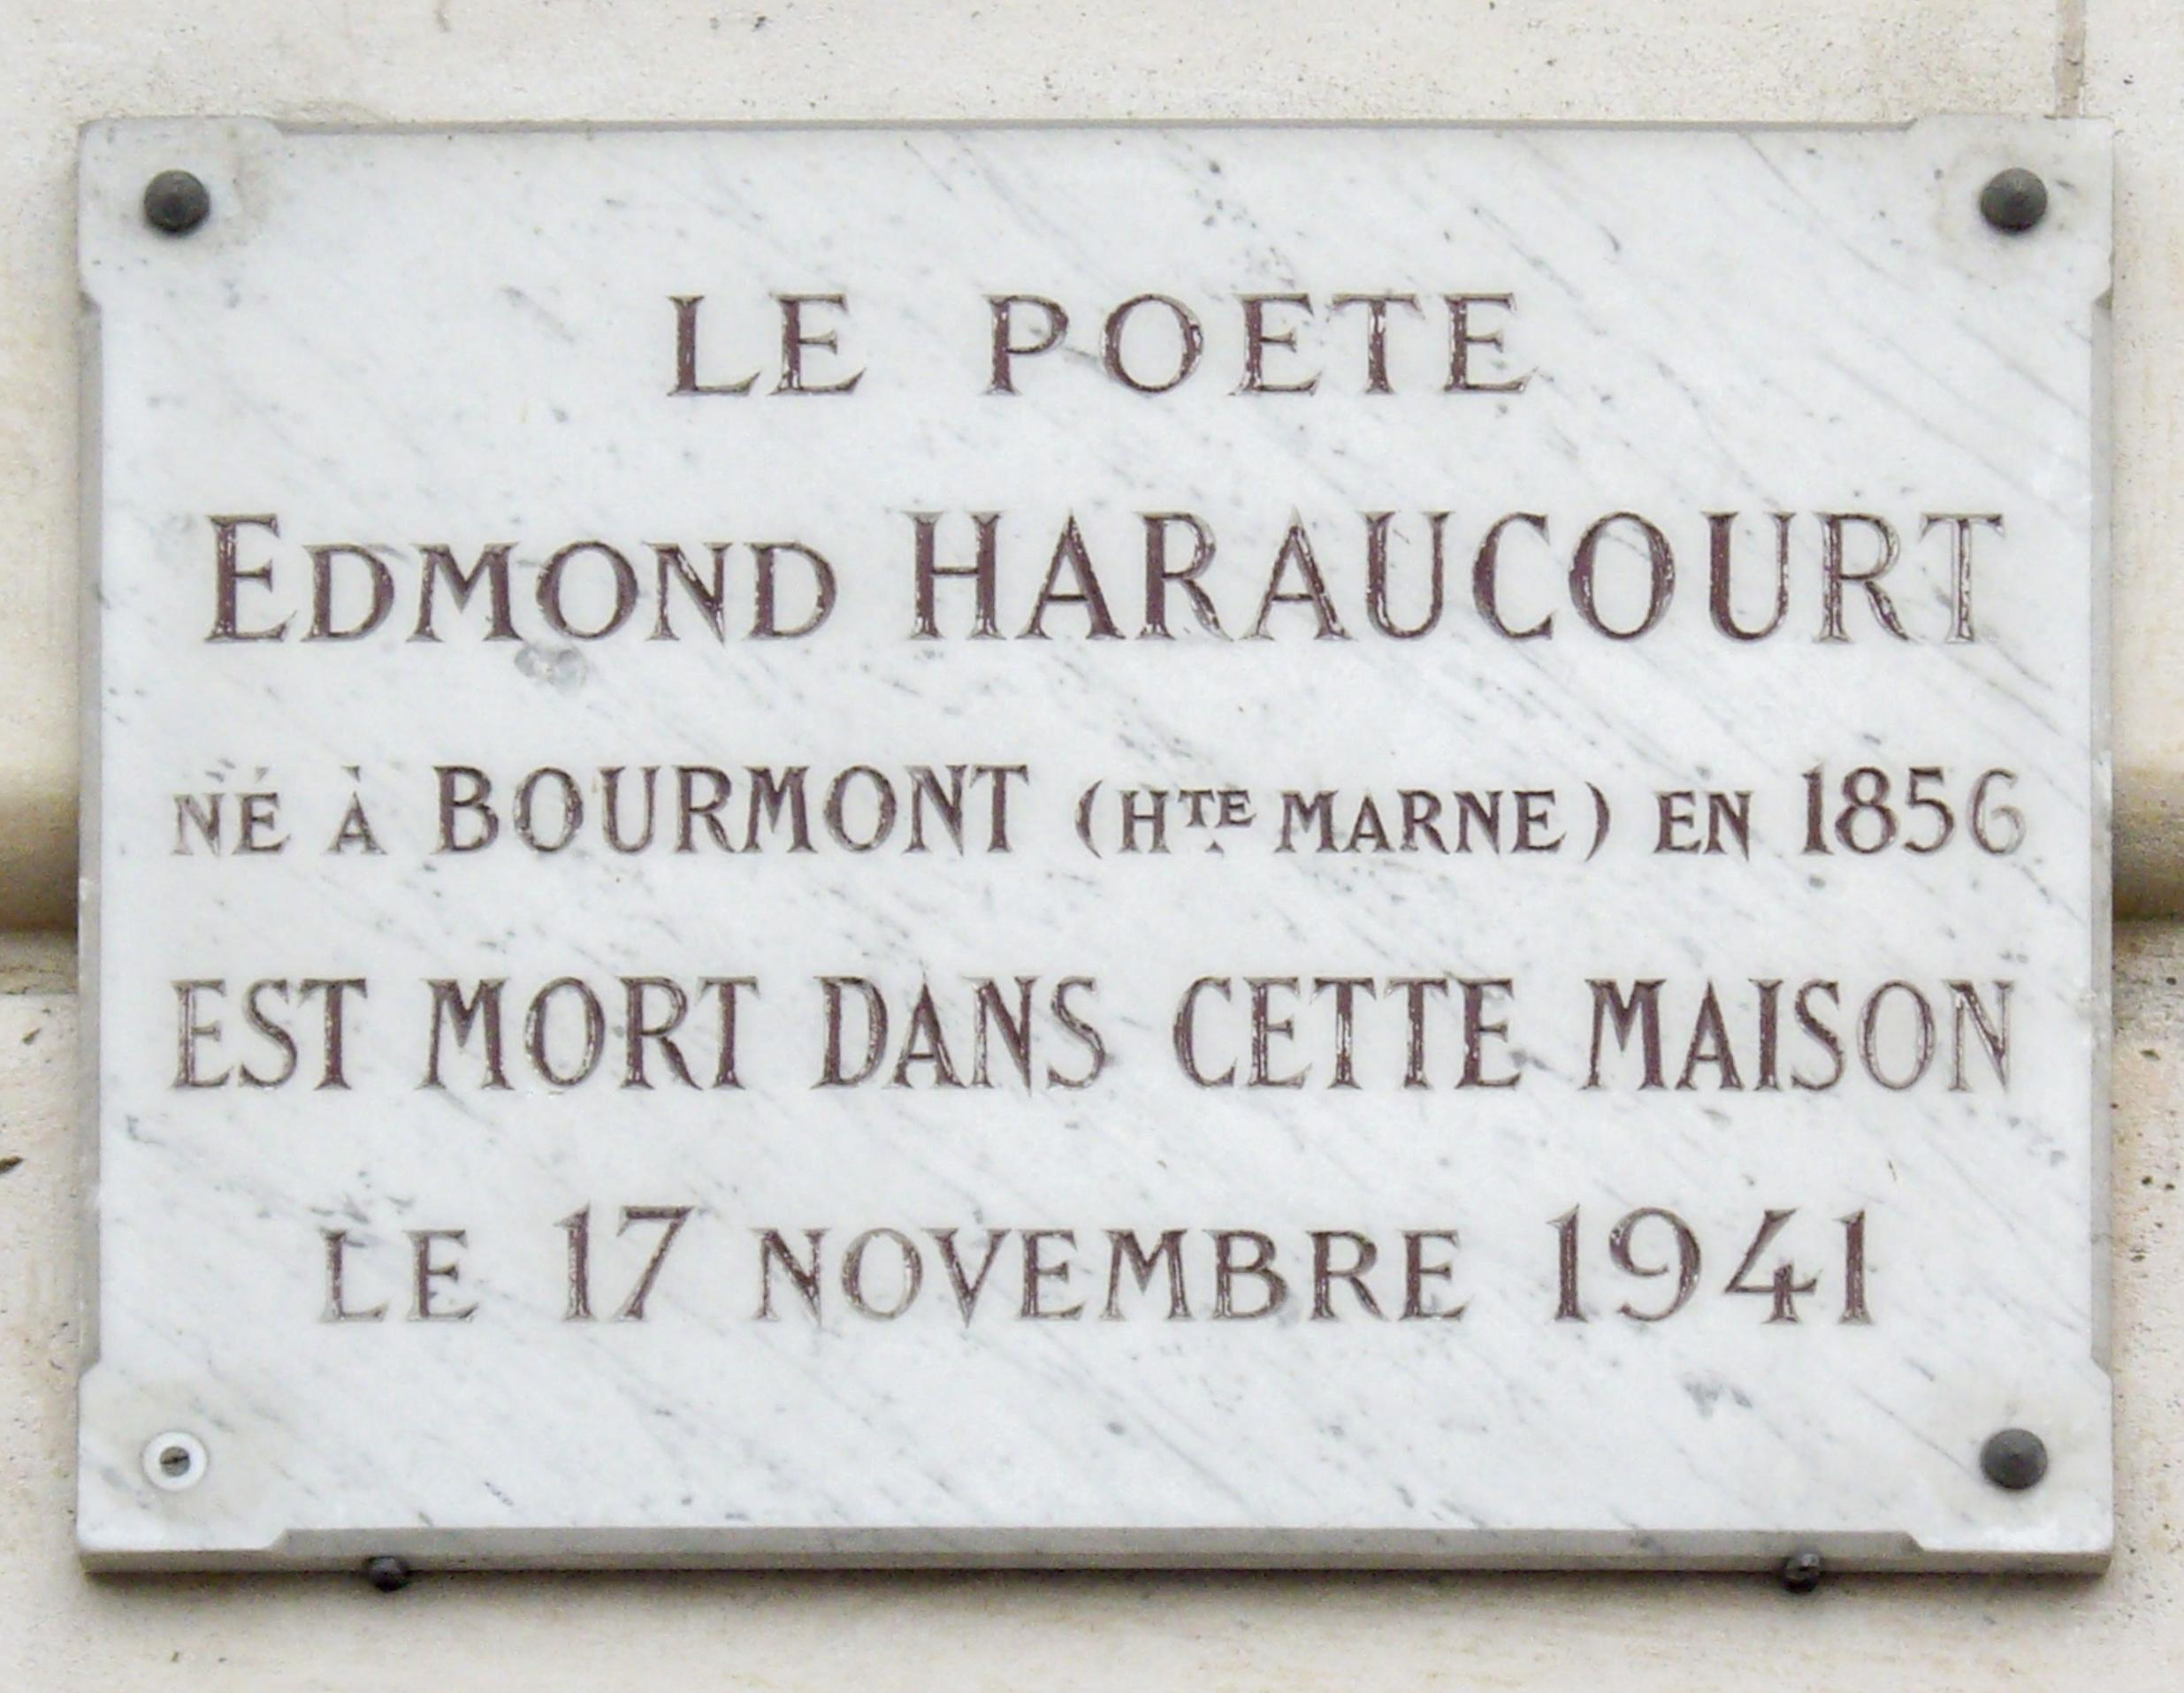 Placa en homenaje al poeta ubicada en el domicilio parisino de Edmond Haraucourt, en el n° 5 de quai aux Fleurs.